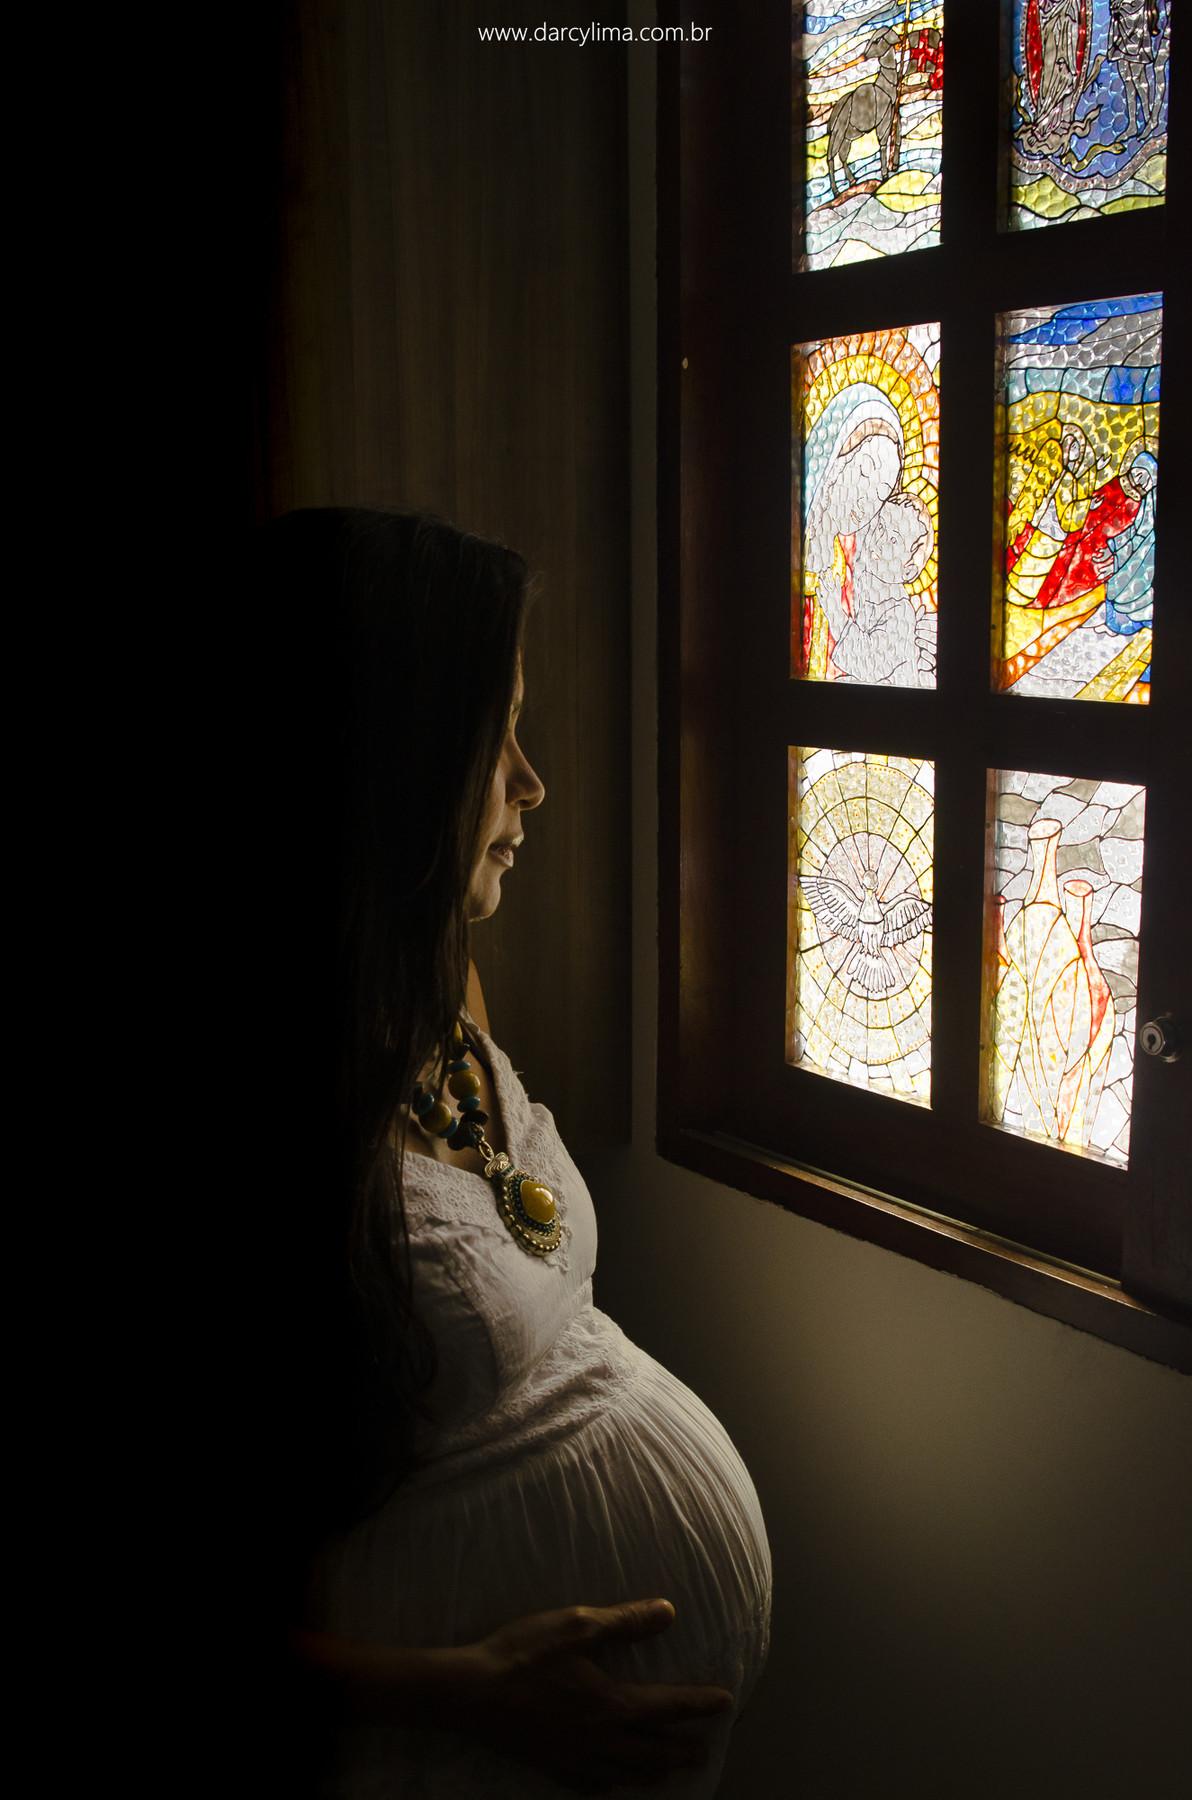 retrato da gravida contemplando o vitral pintado por ela